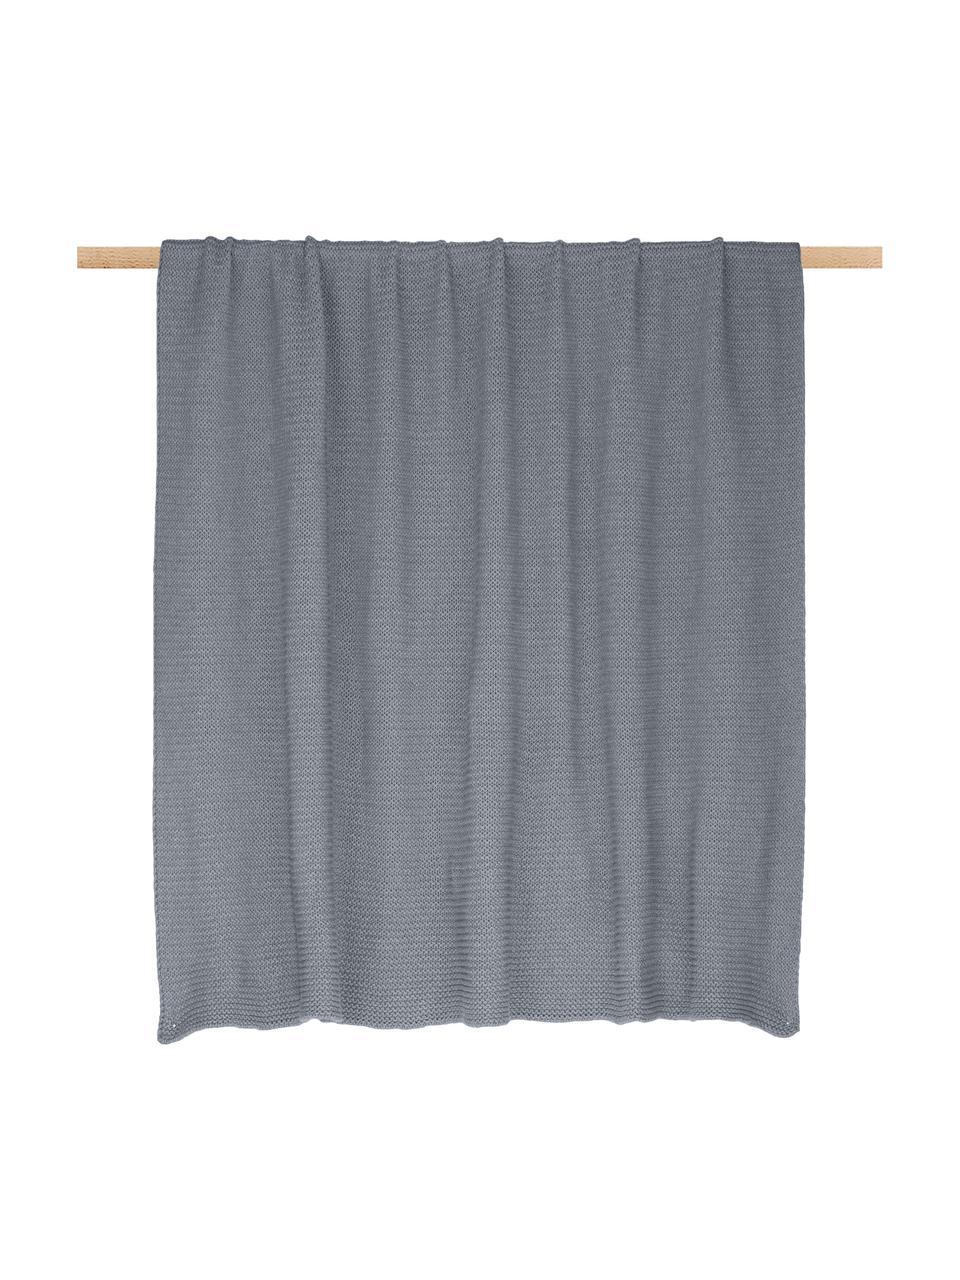 Coperta a maglia in cotone biologico grigio chiaro Adalyn, 100% cotone biologico, certificato GOTS, Grigio chiaro, Larg. 150 x Lung. 200 cm